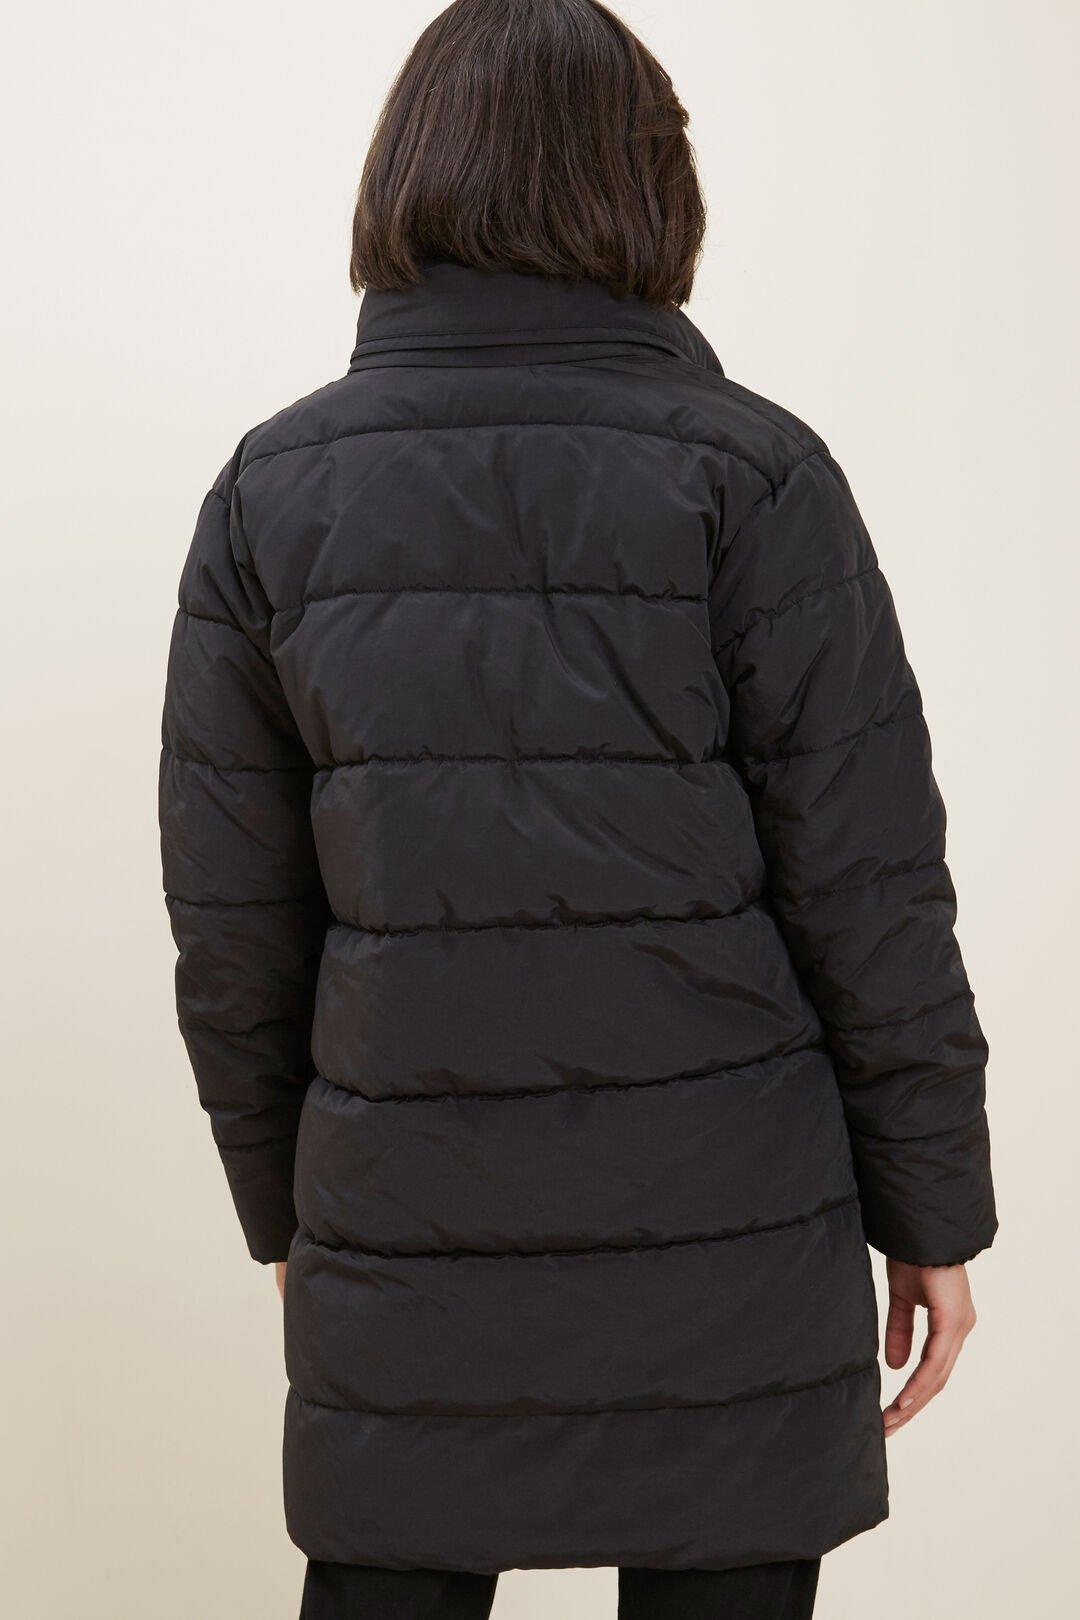 Longline Double Zip Puffer   BLACK  hi-res